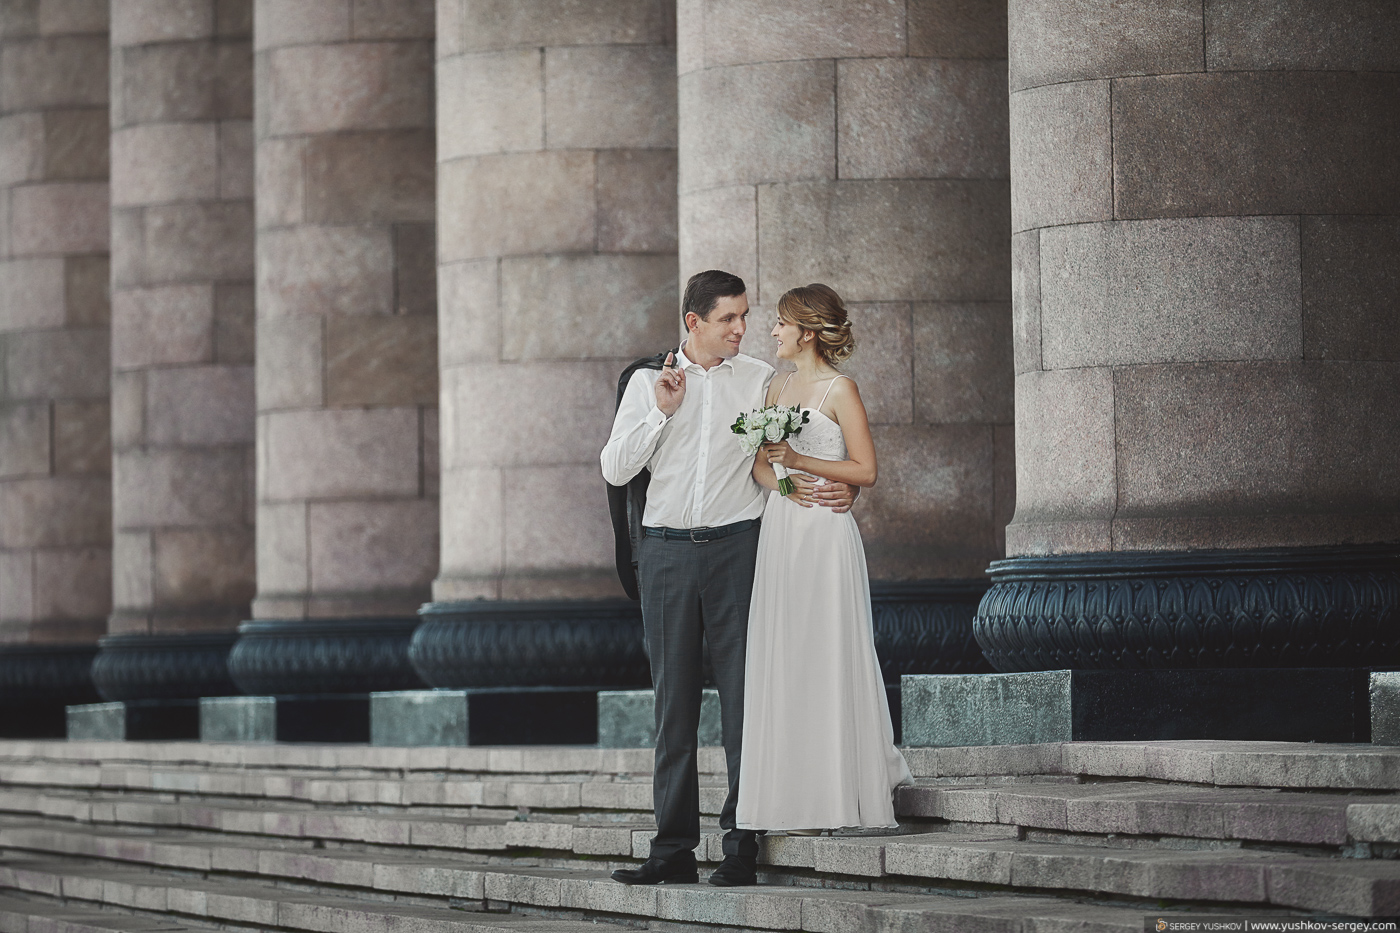 Красивая свадьба на двоих в Москве. Фотограф - Сергей Юшков.